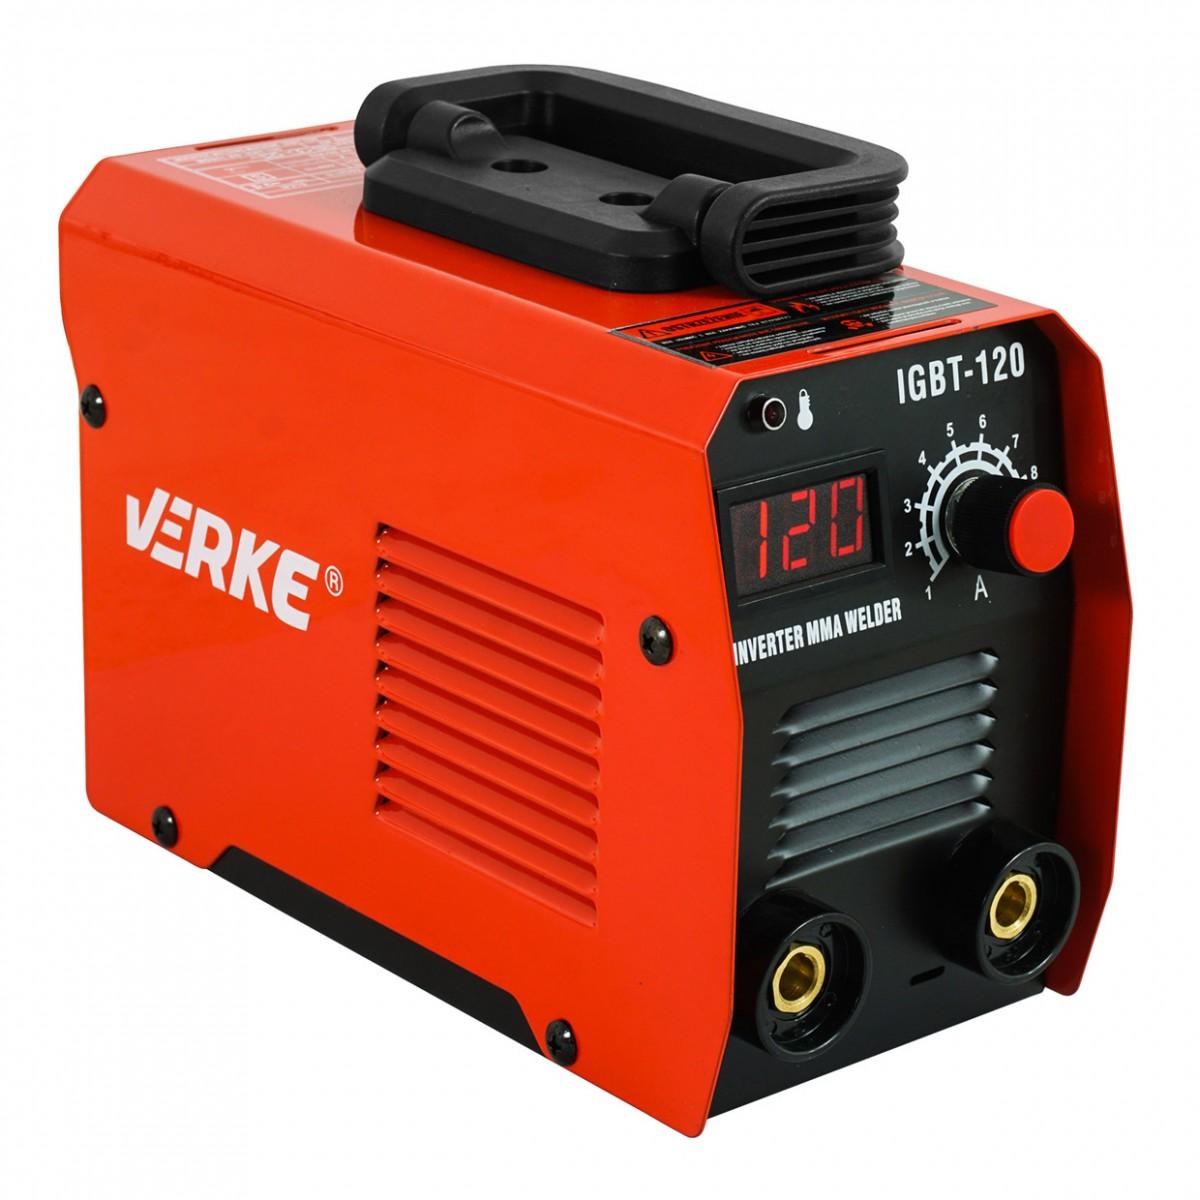 VERKE Invertorová svářečka IGBT-120 MMA V75006 Nářadí 3.5Kg V75006